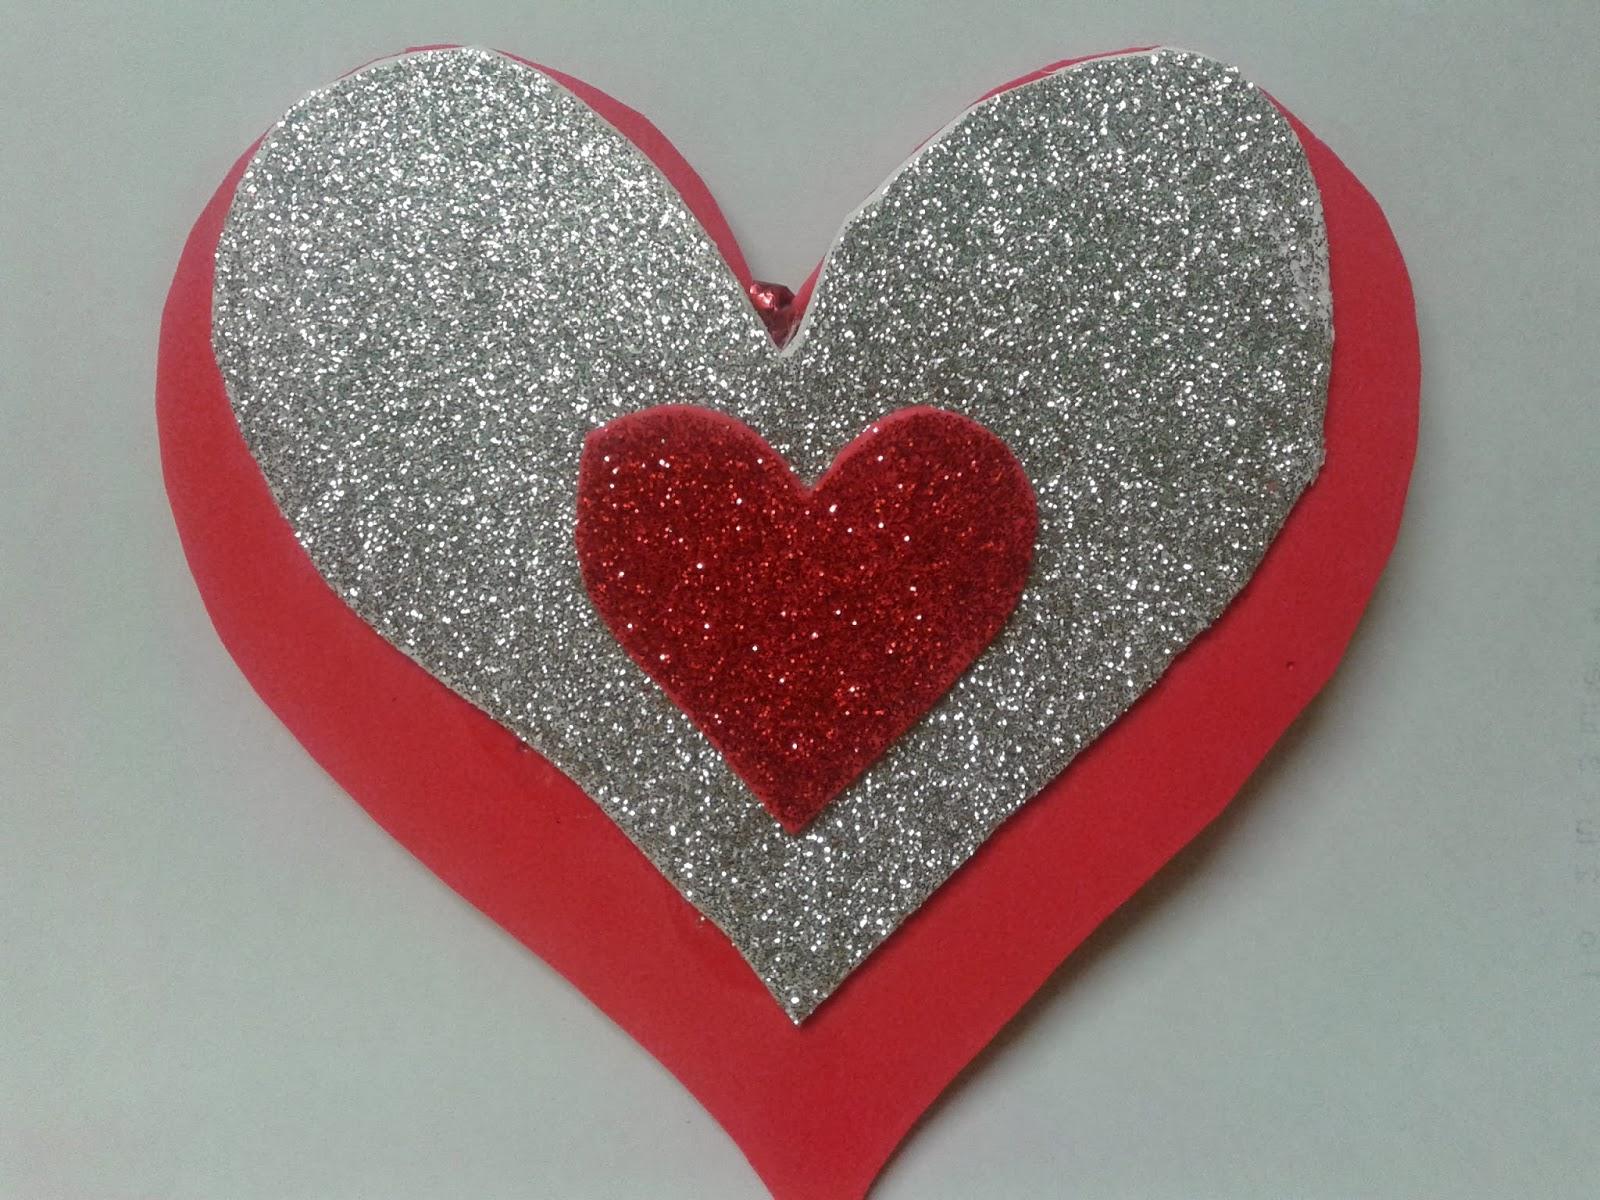 http://www.bonjourdefrance.com/blog/professeur-grecque/education/la-saint-valentin-en-classe-de-fle